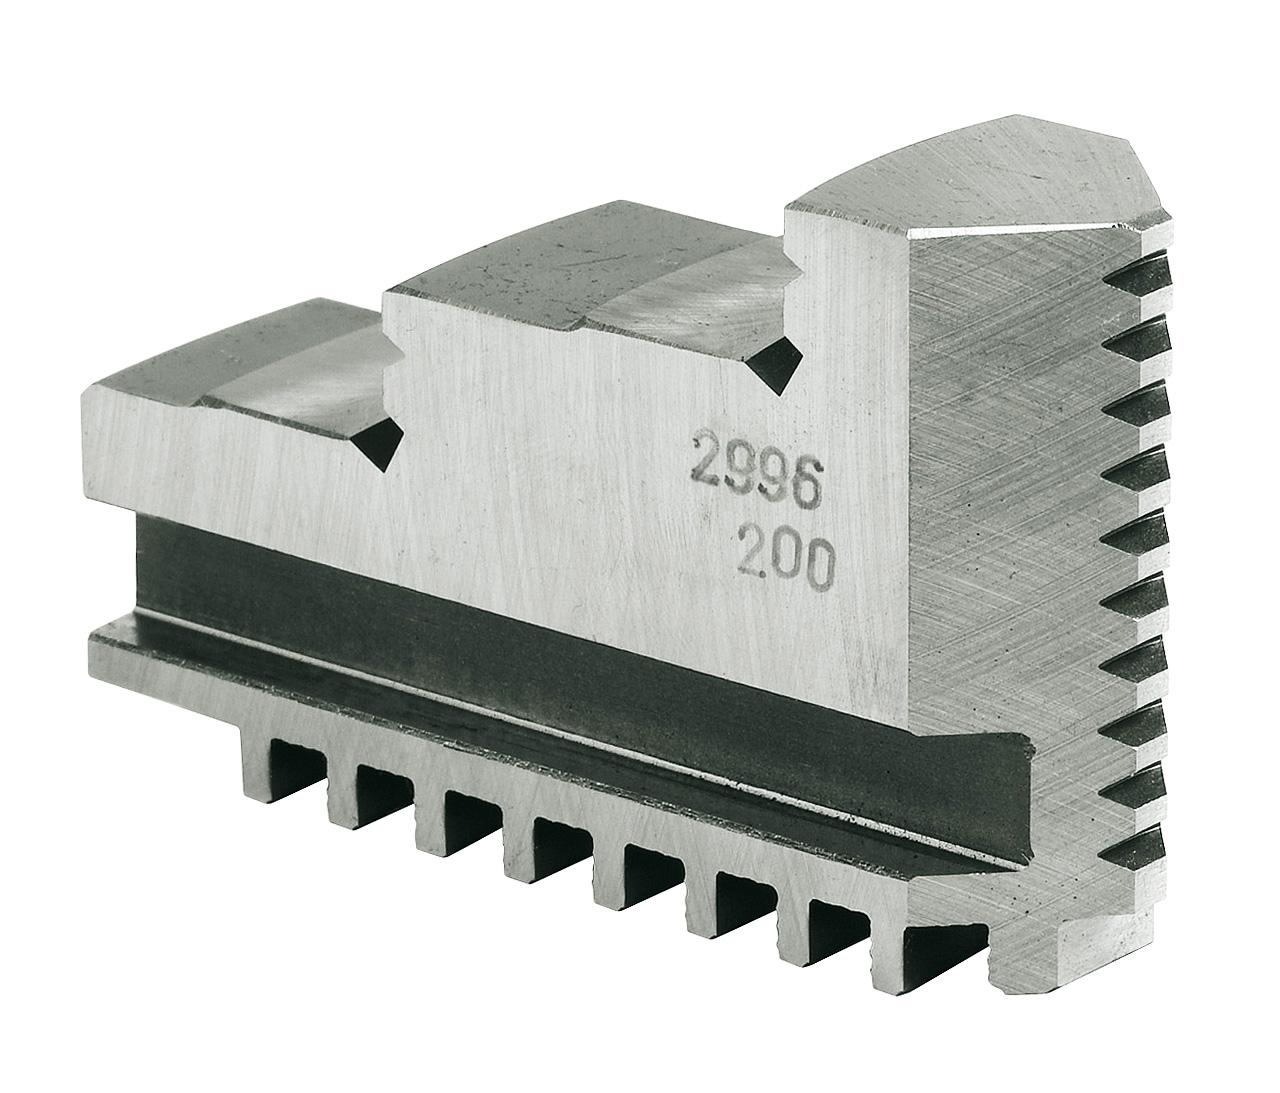 Szczęki jednolite twarde zewnętrzne - komplet OJ-PS4-125 BERNARDO